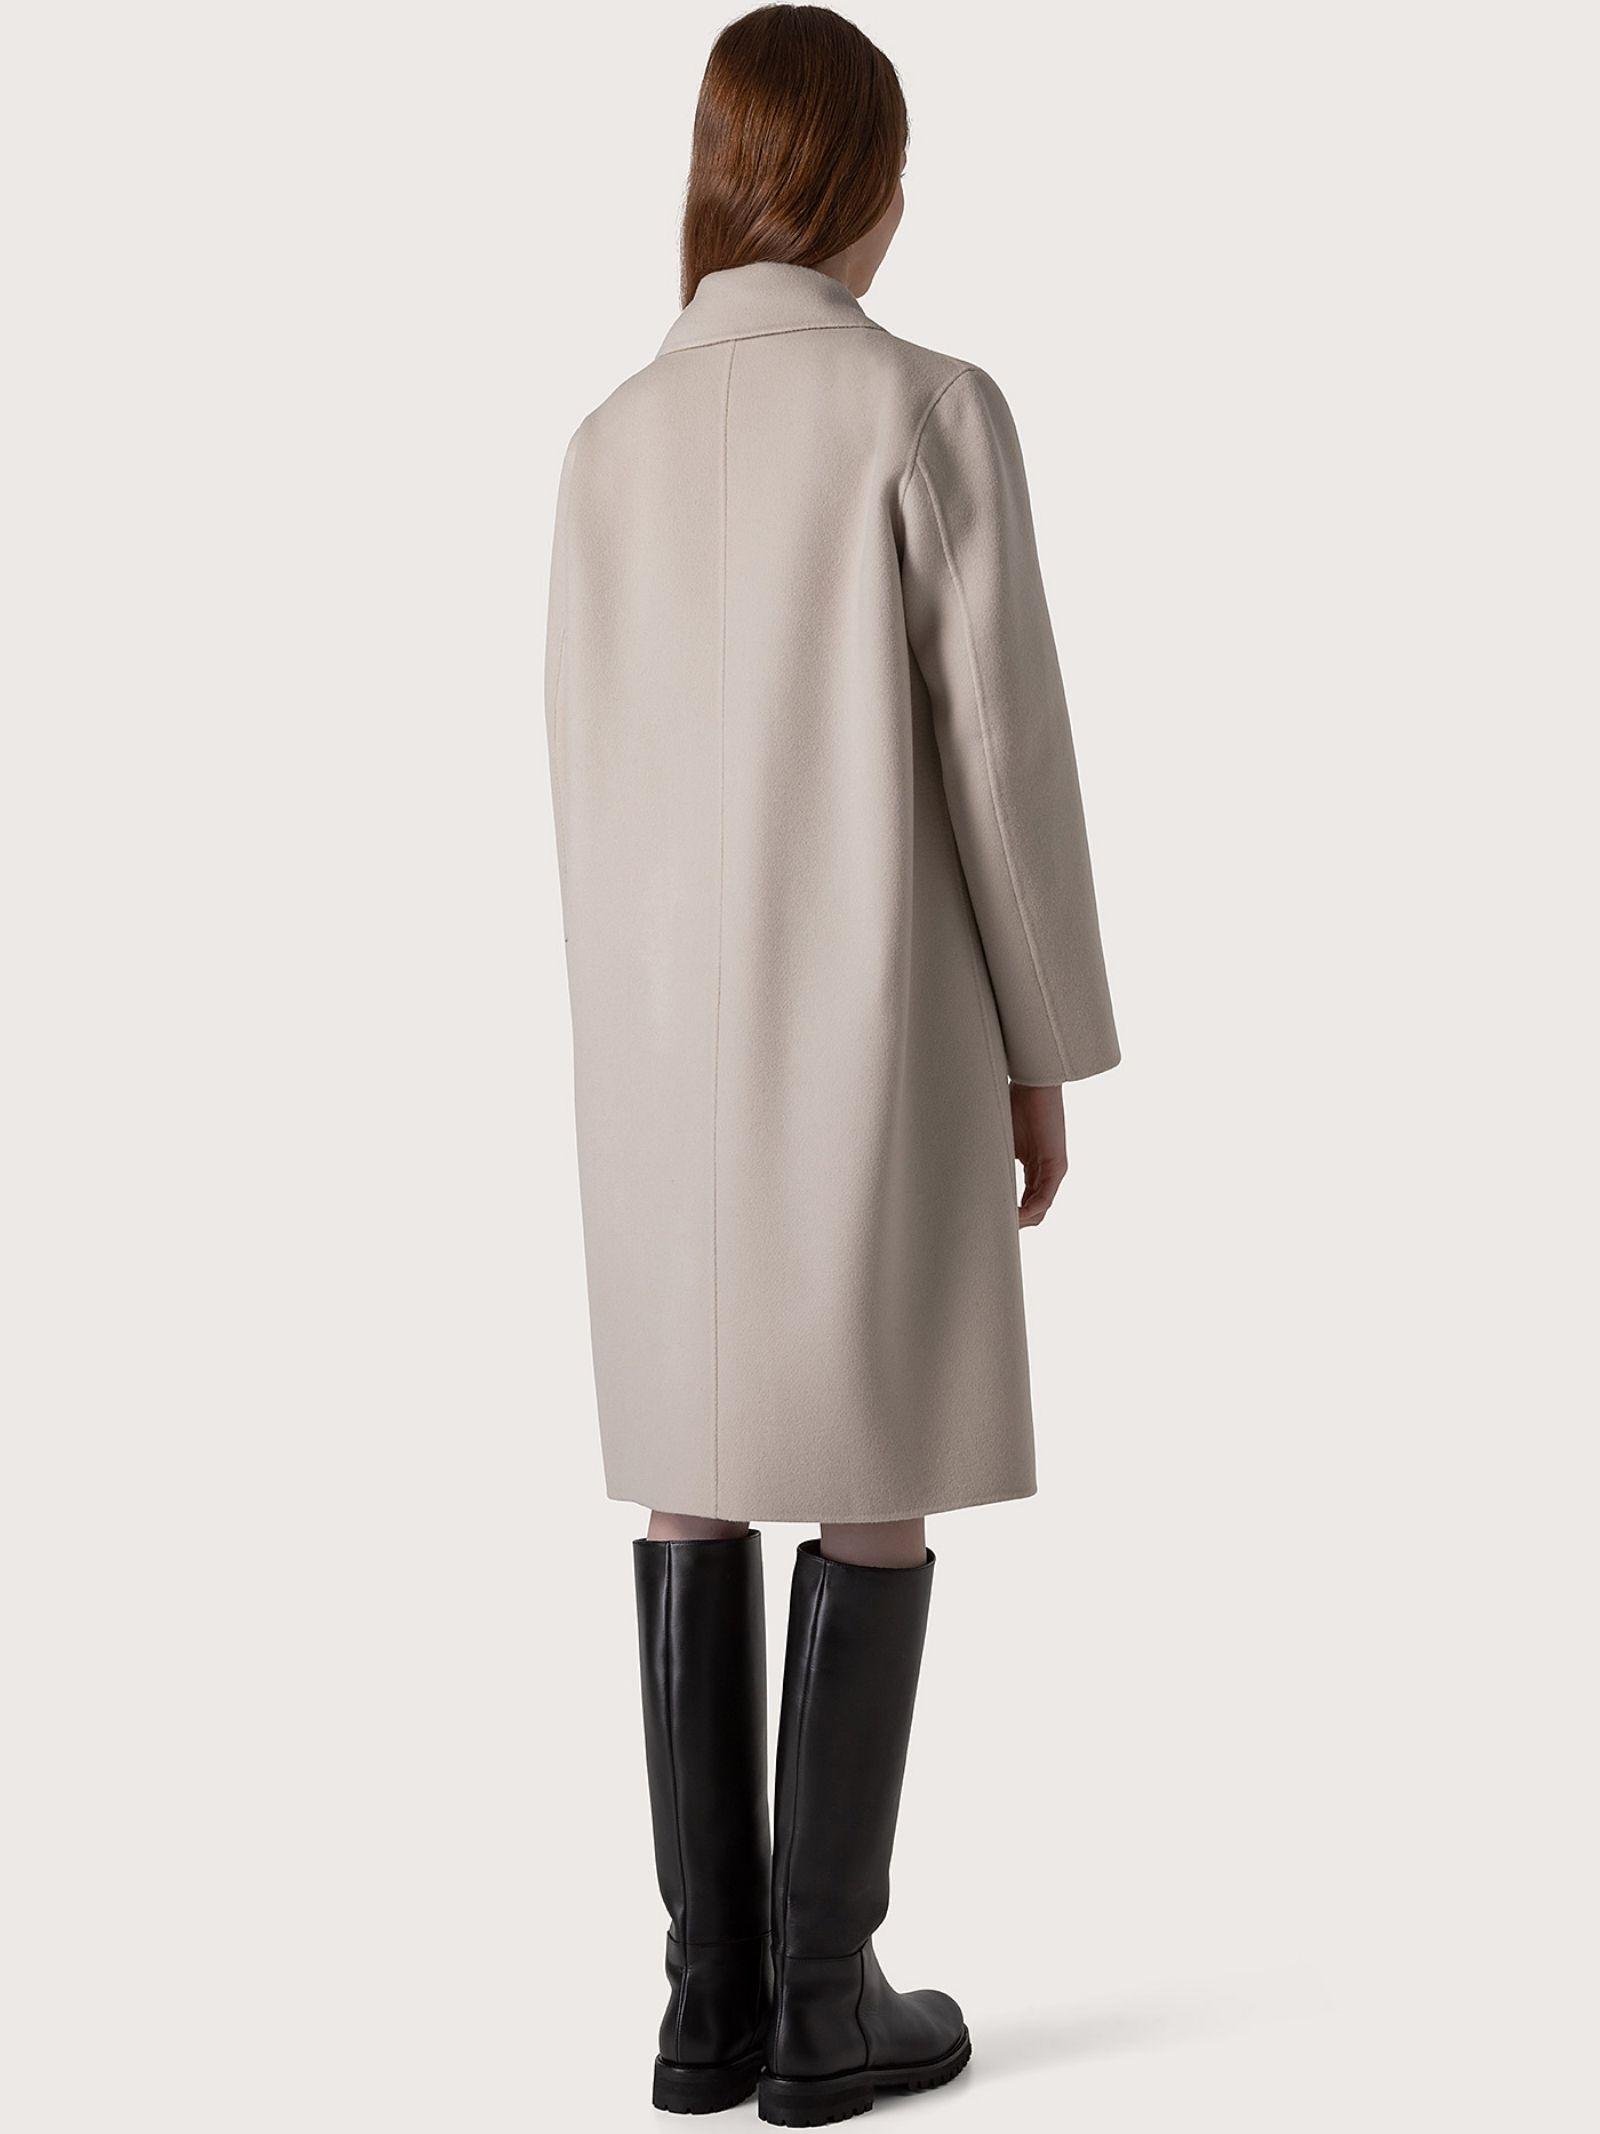 CAPPOTTO IN PANNO DOUBLE DI MISTO CASHMERE SEVENTY   Cappotto   CP0410150214010